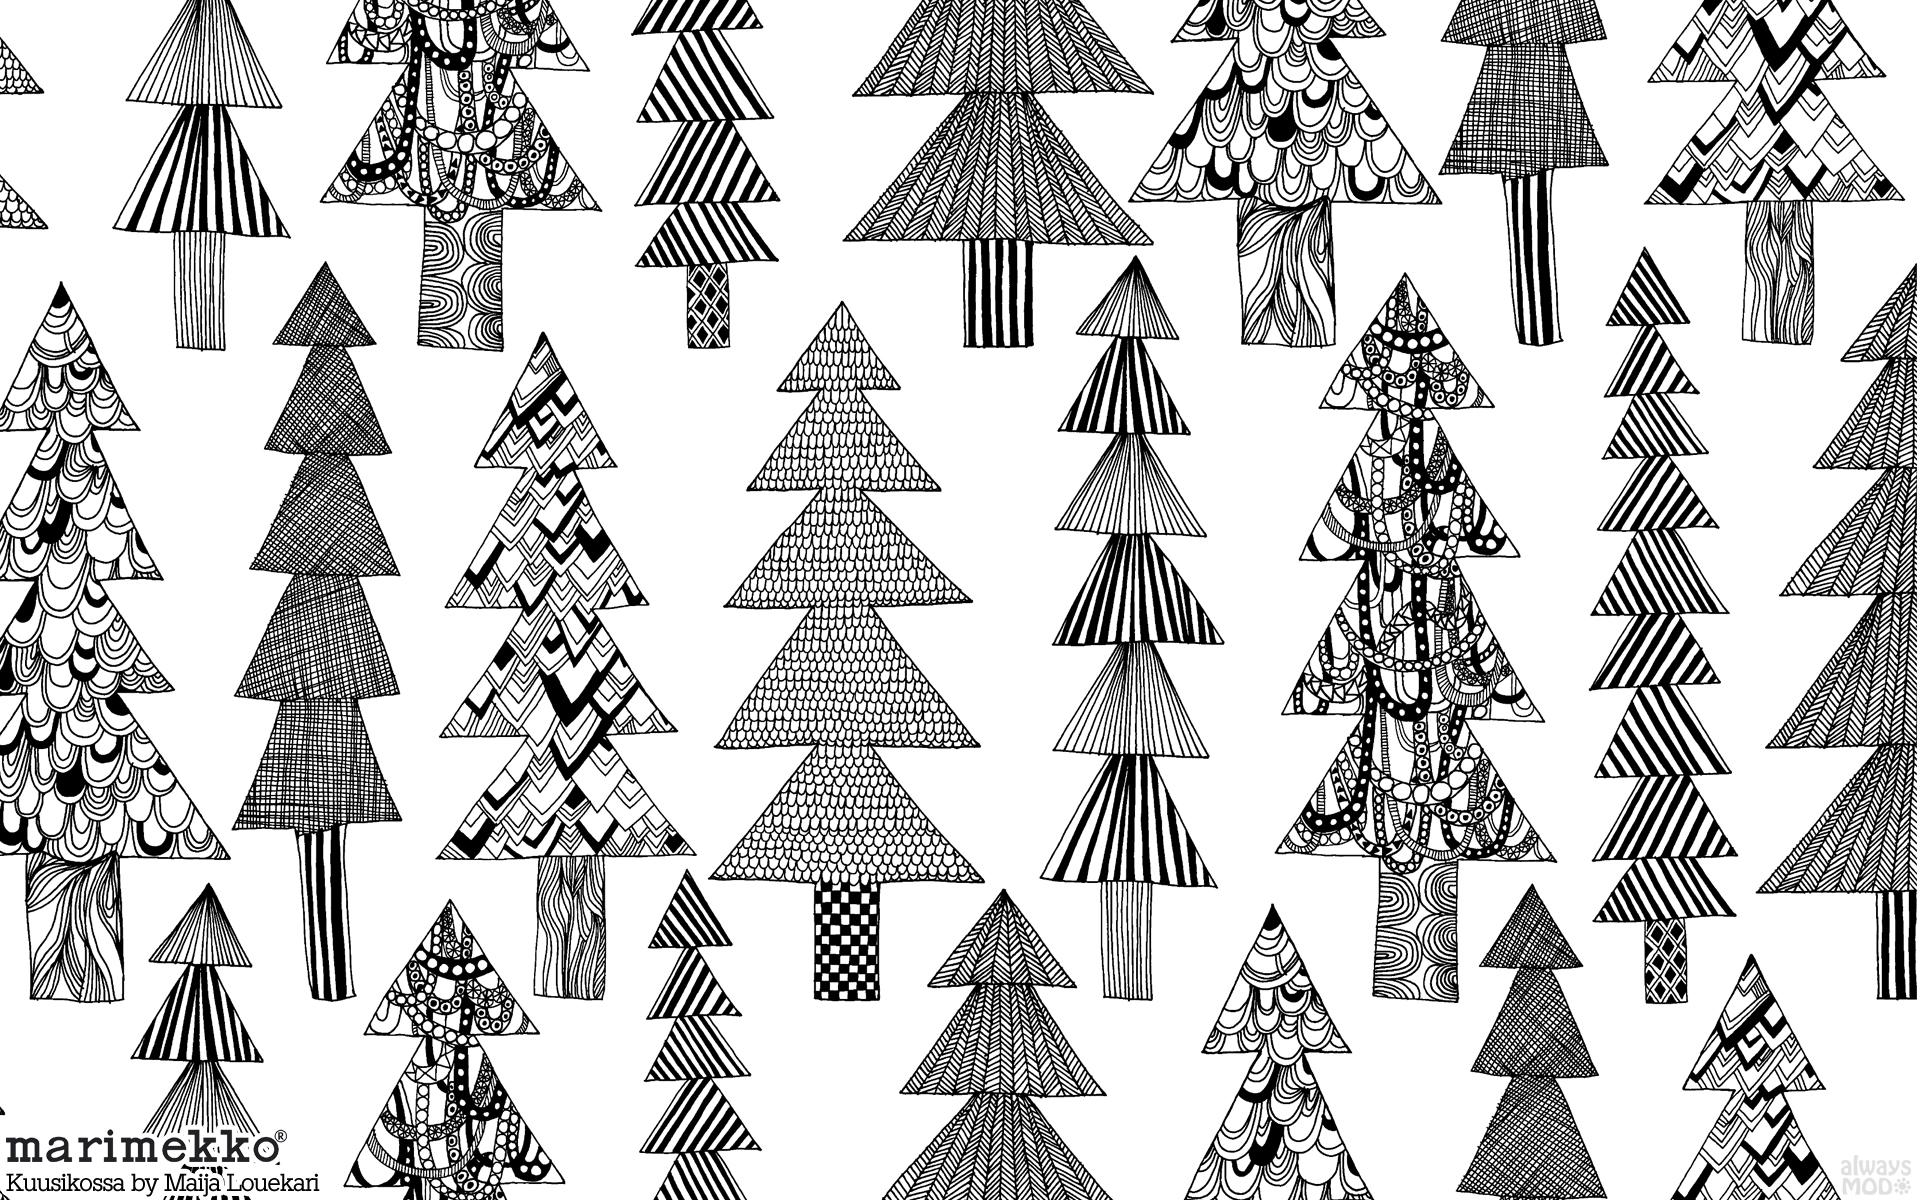 全部無料!北欧風からタイポグラフィまでいろいろあるよ、壁紙特集